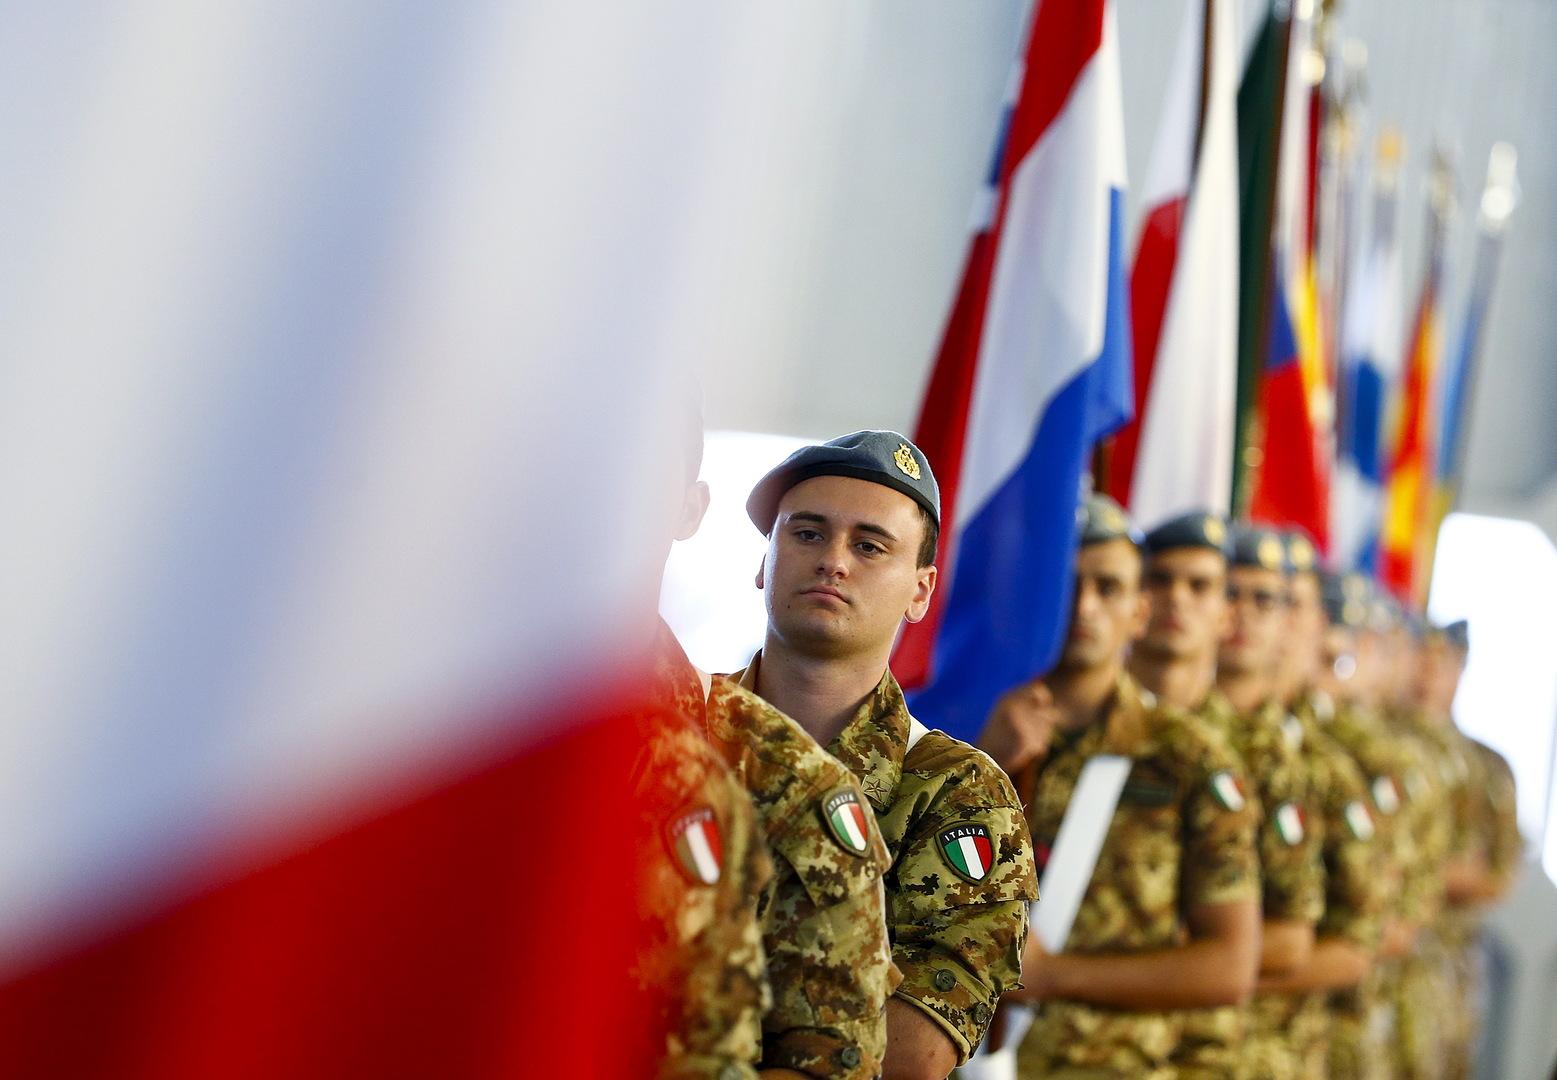 برلماني: الإمارات تطرد القوات الإيطالية من قاعدة جوية رئيسية في دبي